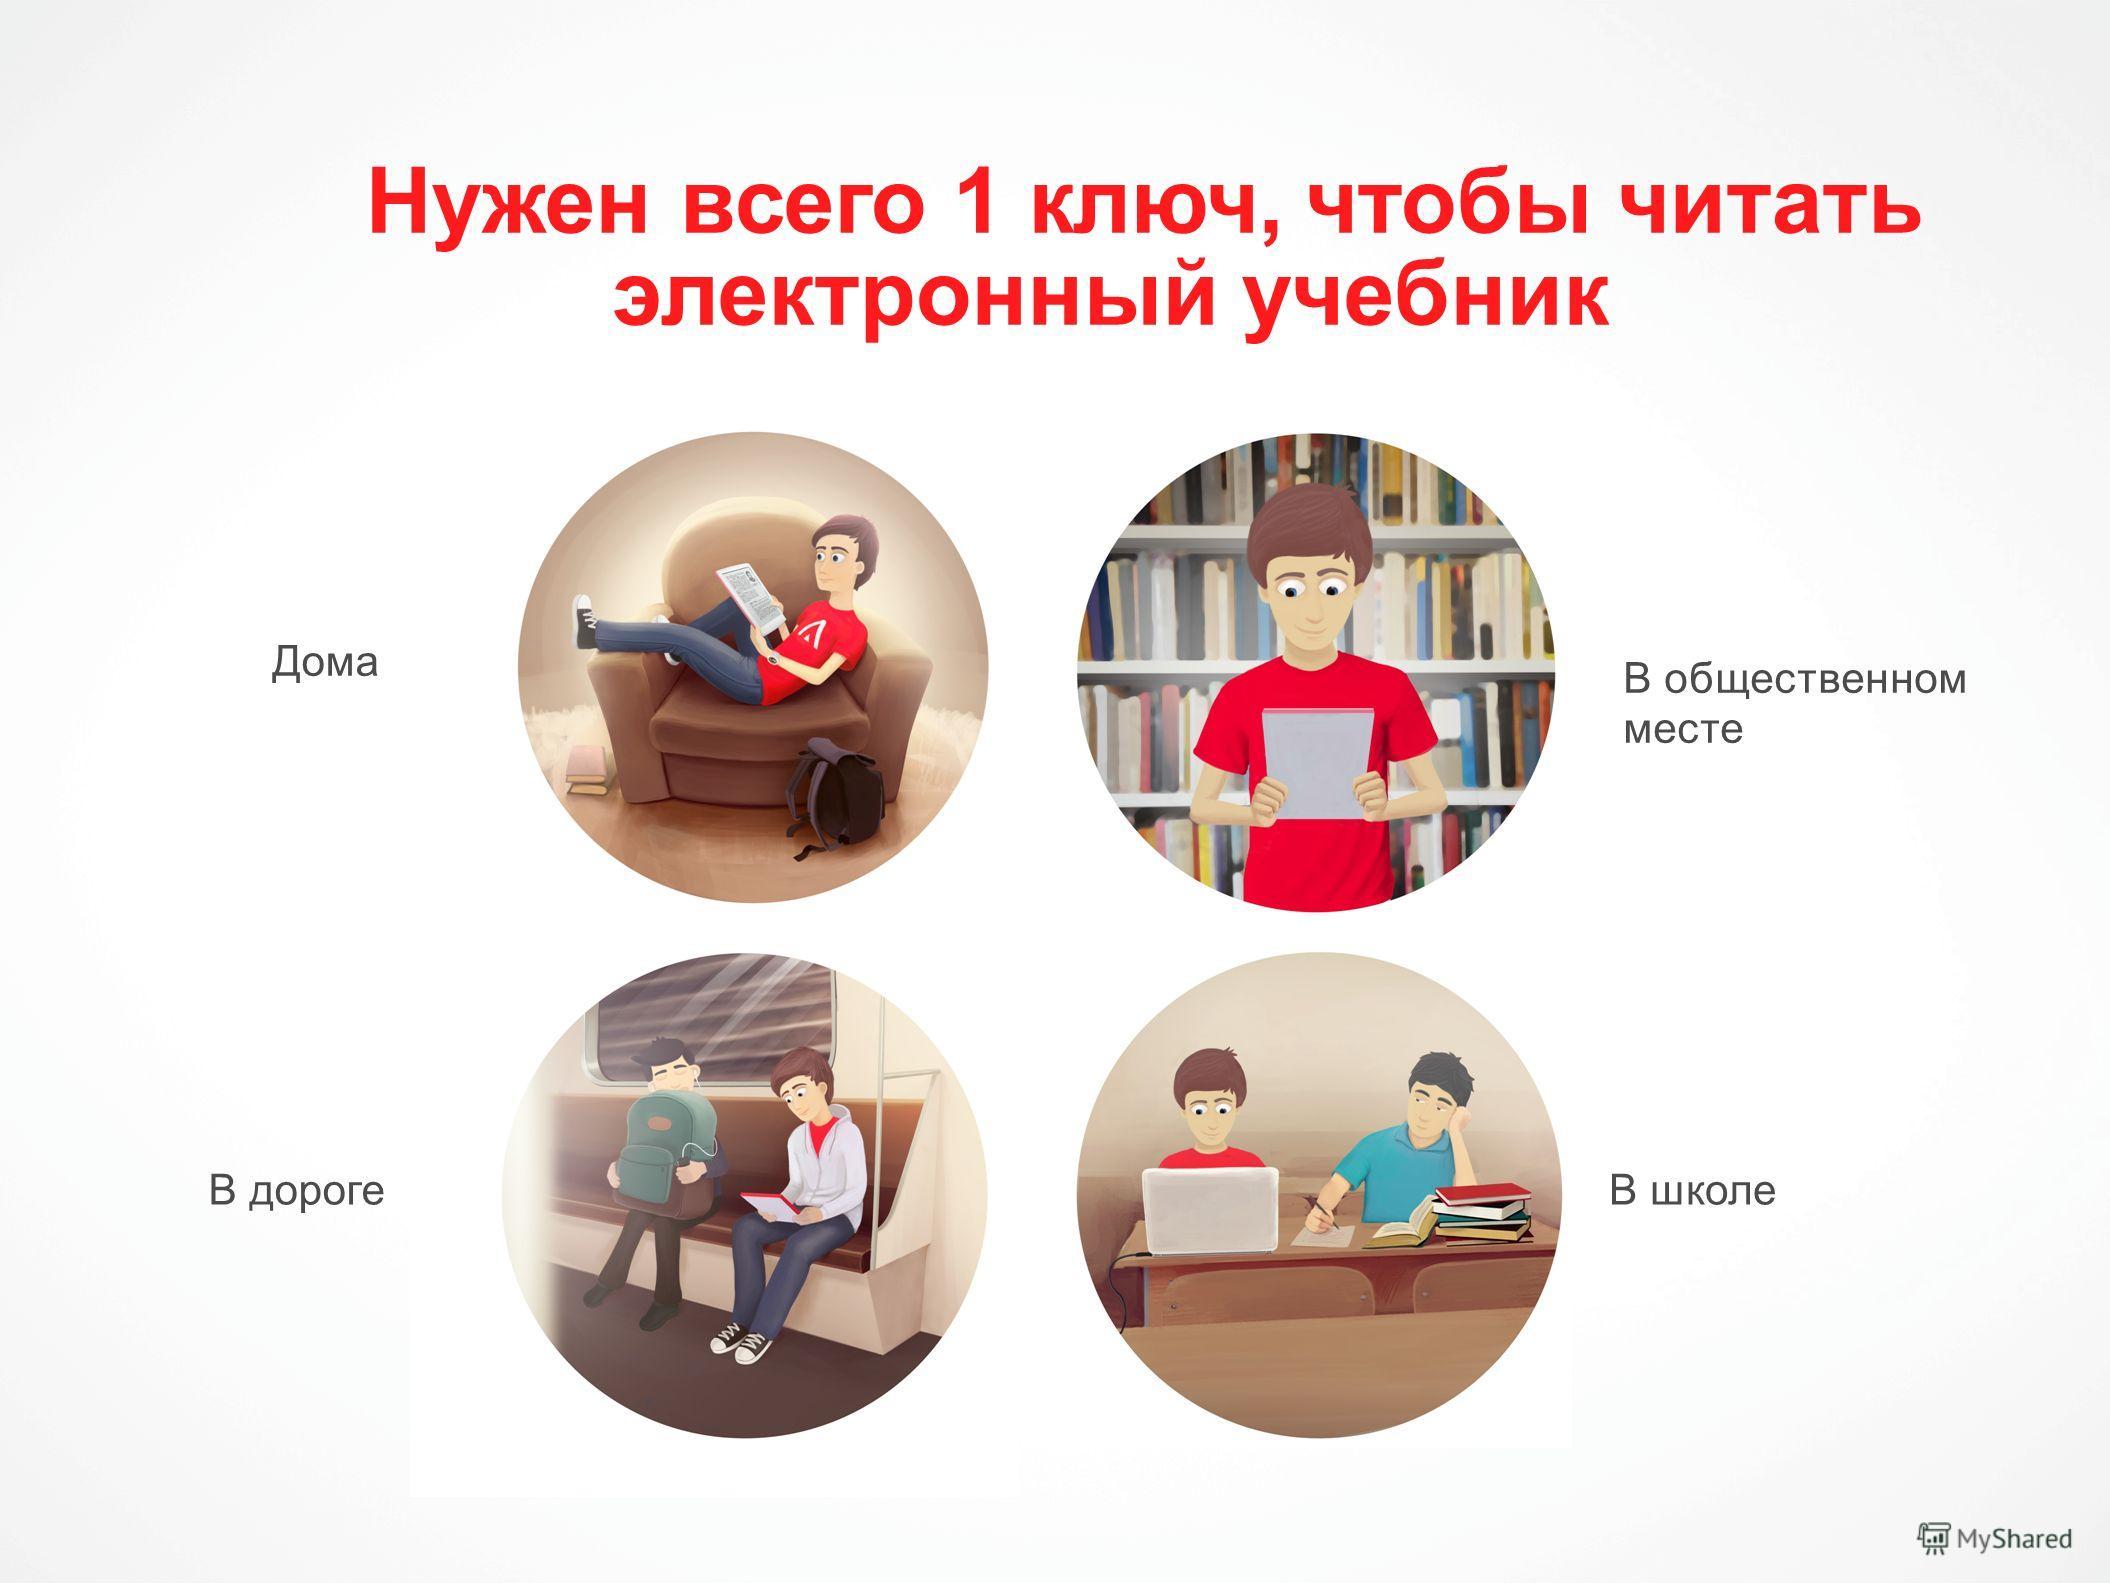 Нужен всего 1 ключ, чтобы читать электронный учебник Дома Дома В дорогеВ школе В общественном месте